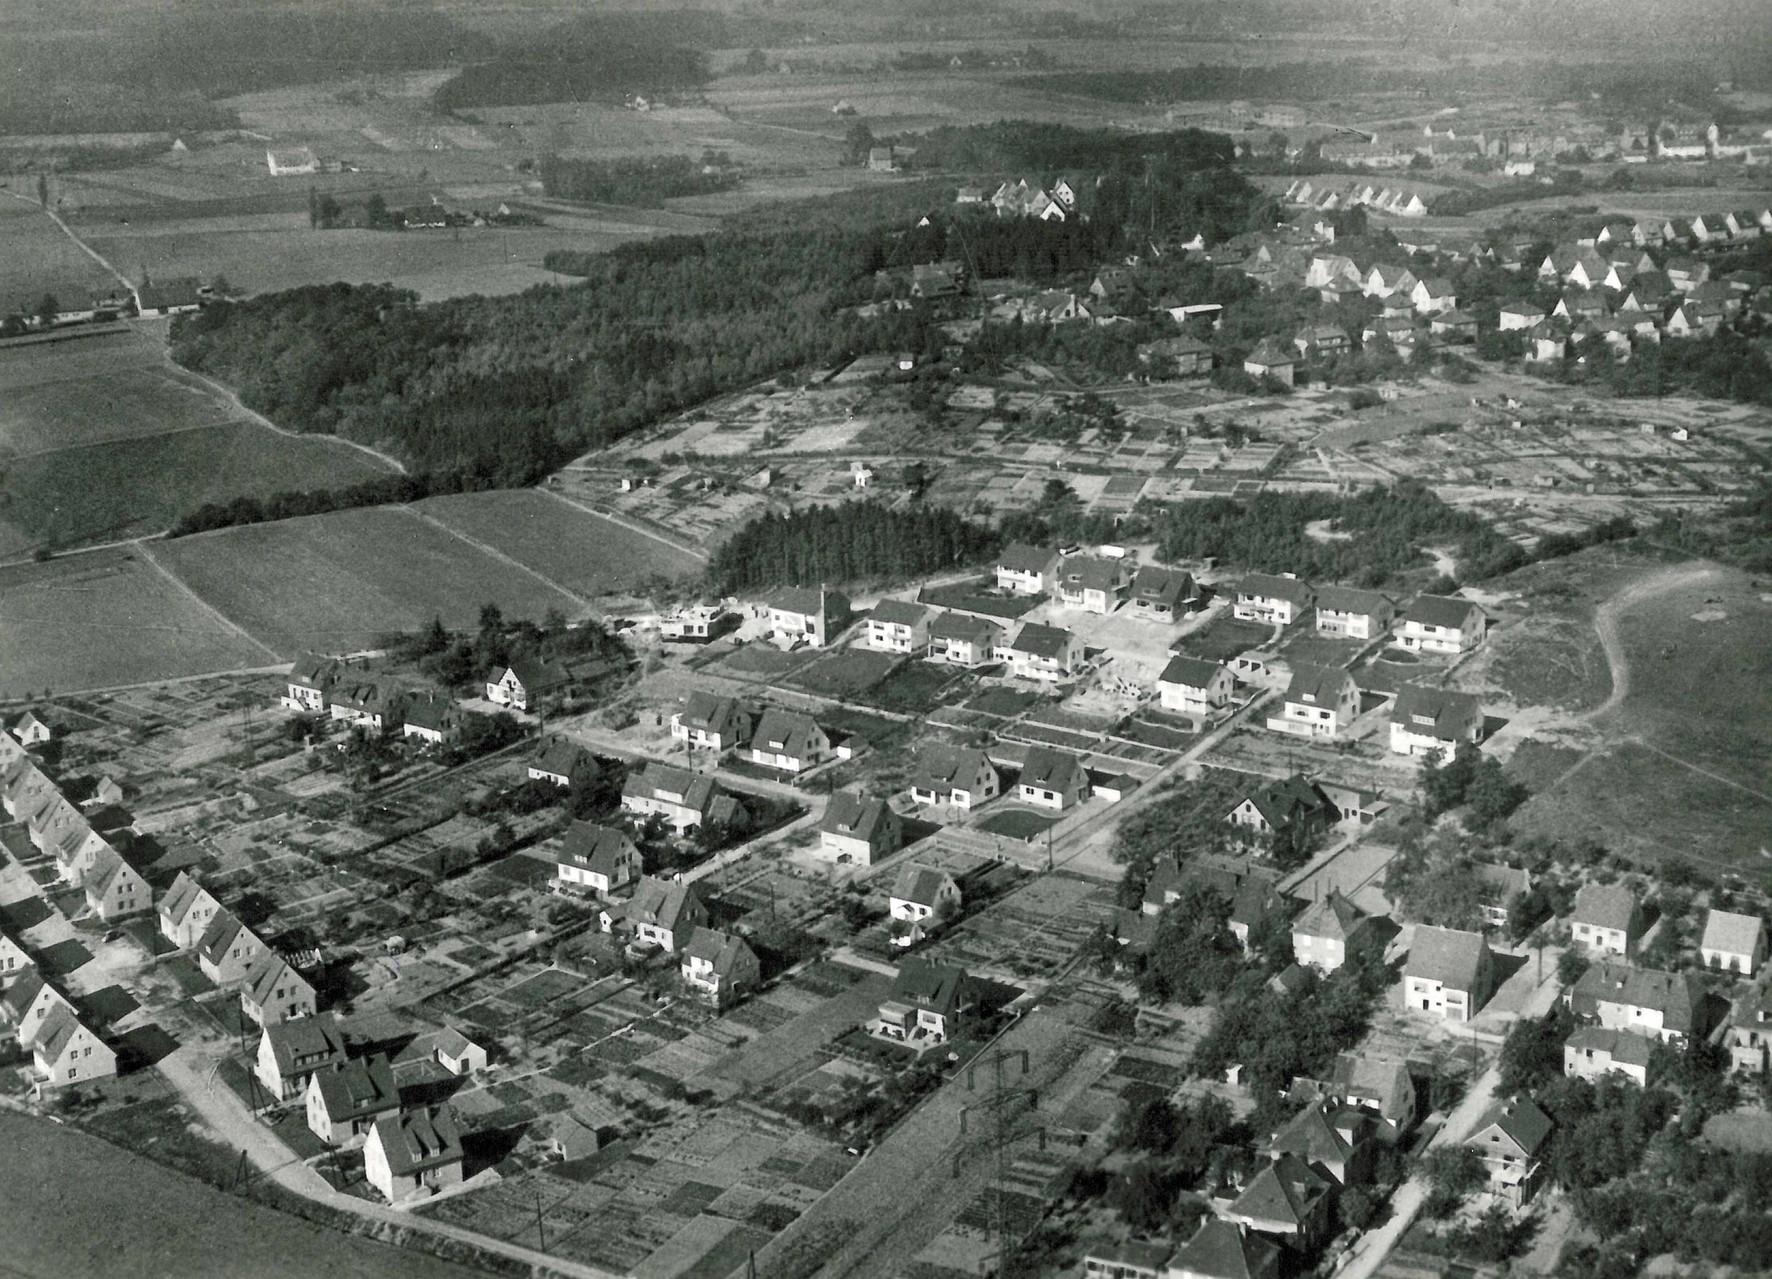 1958/59 Altes Wiesental im Vordergrund, Paradiesweg und Höhenweg im Bau